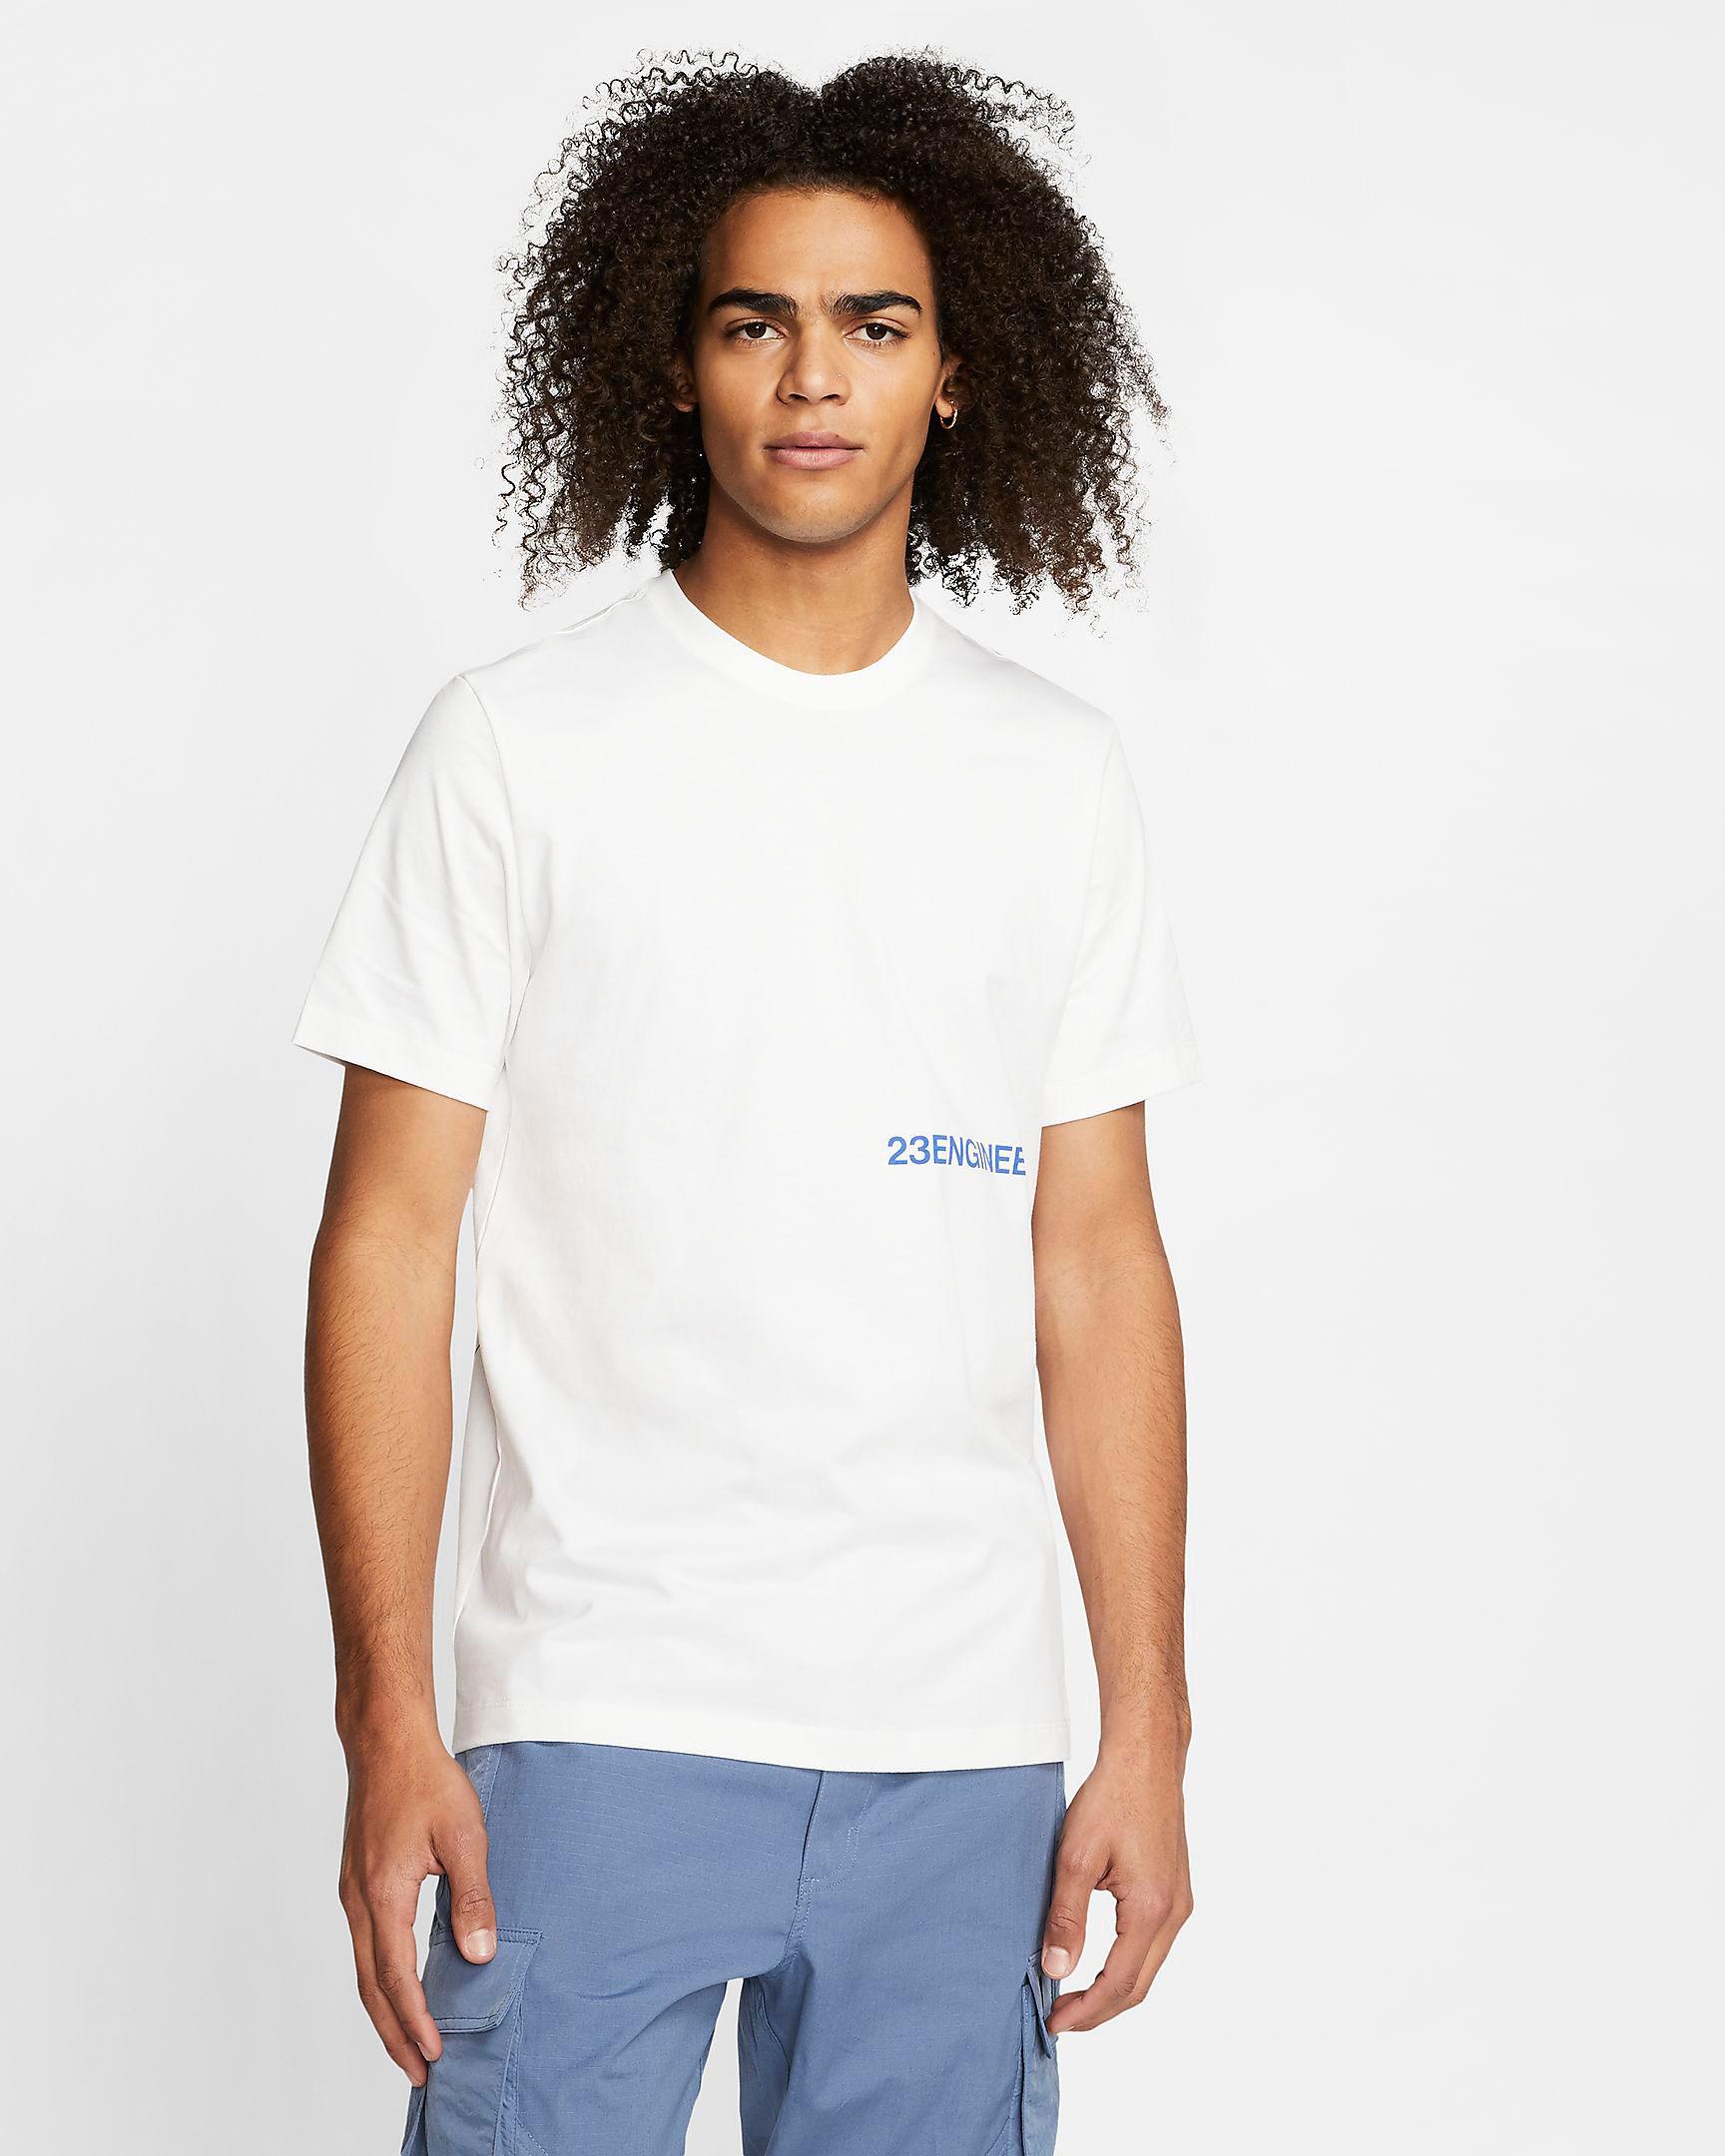 air-jordan-9-racer-blue-matching-t-shirt-1